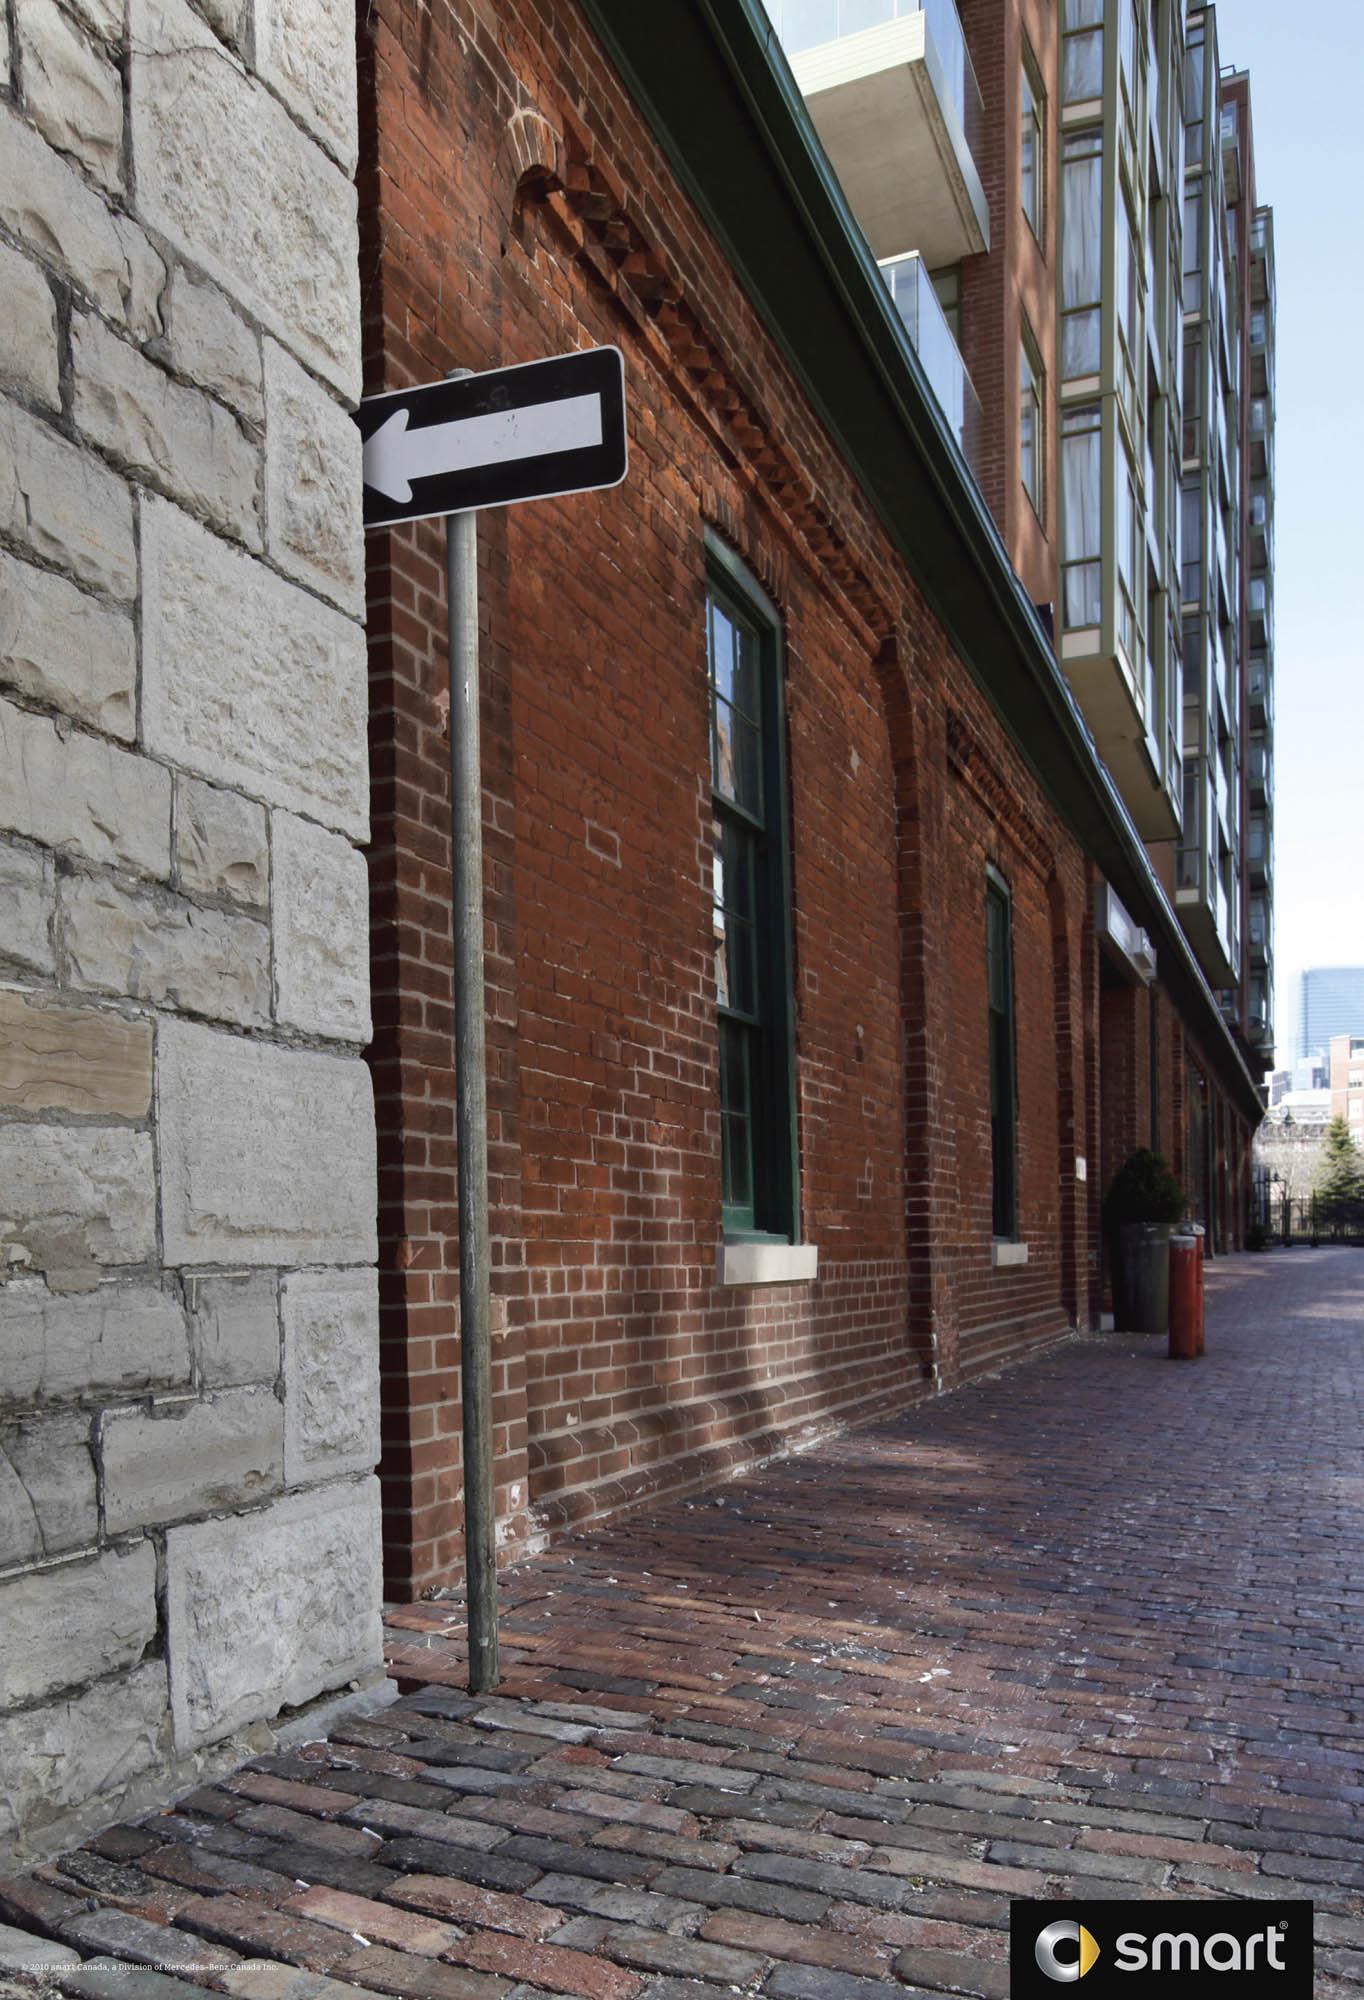 广告创意好好玩>smart小车的小巷路标广告设计!